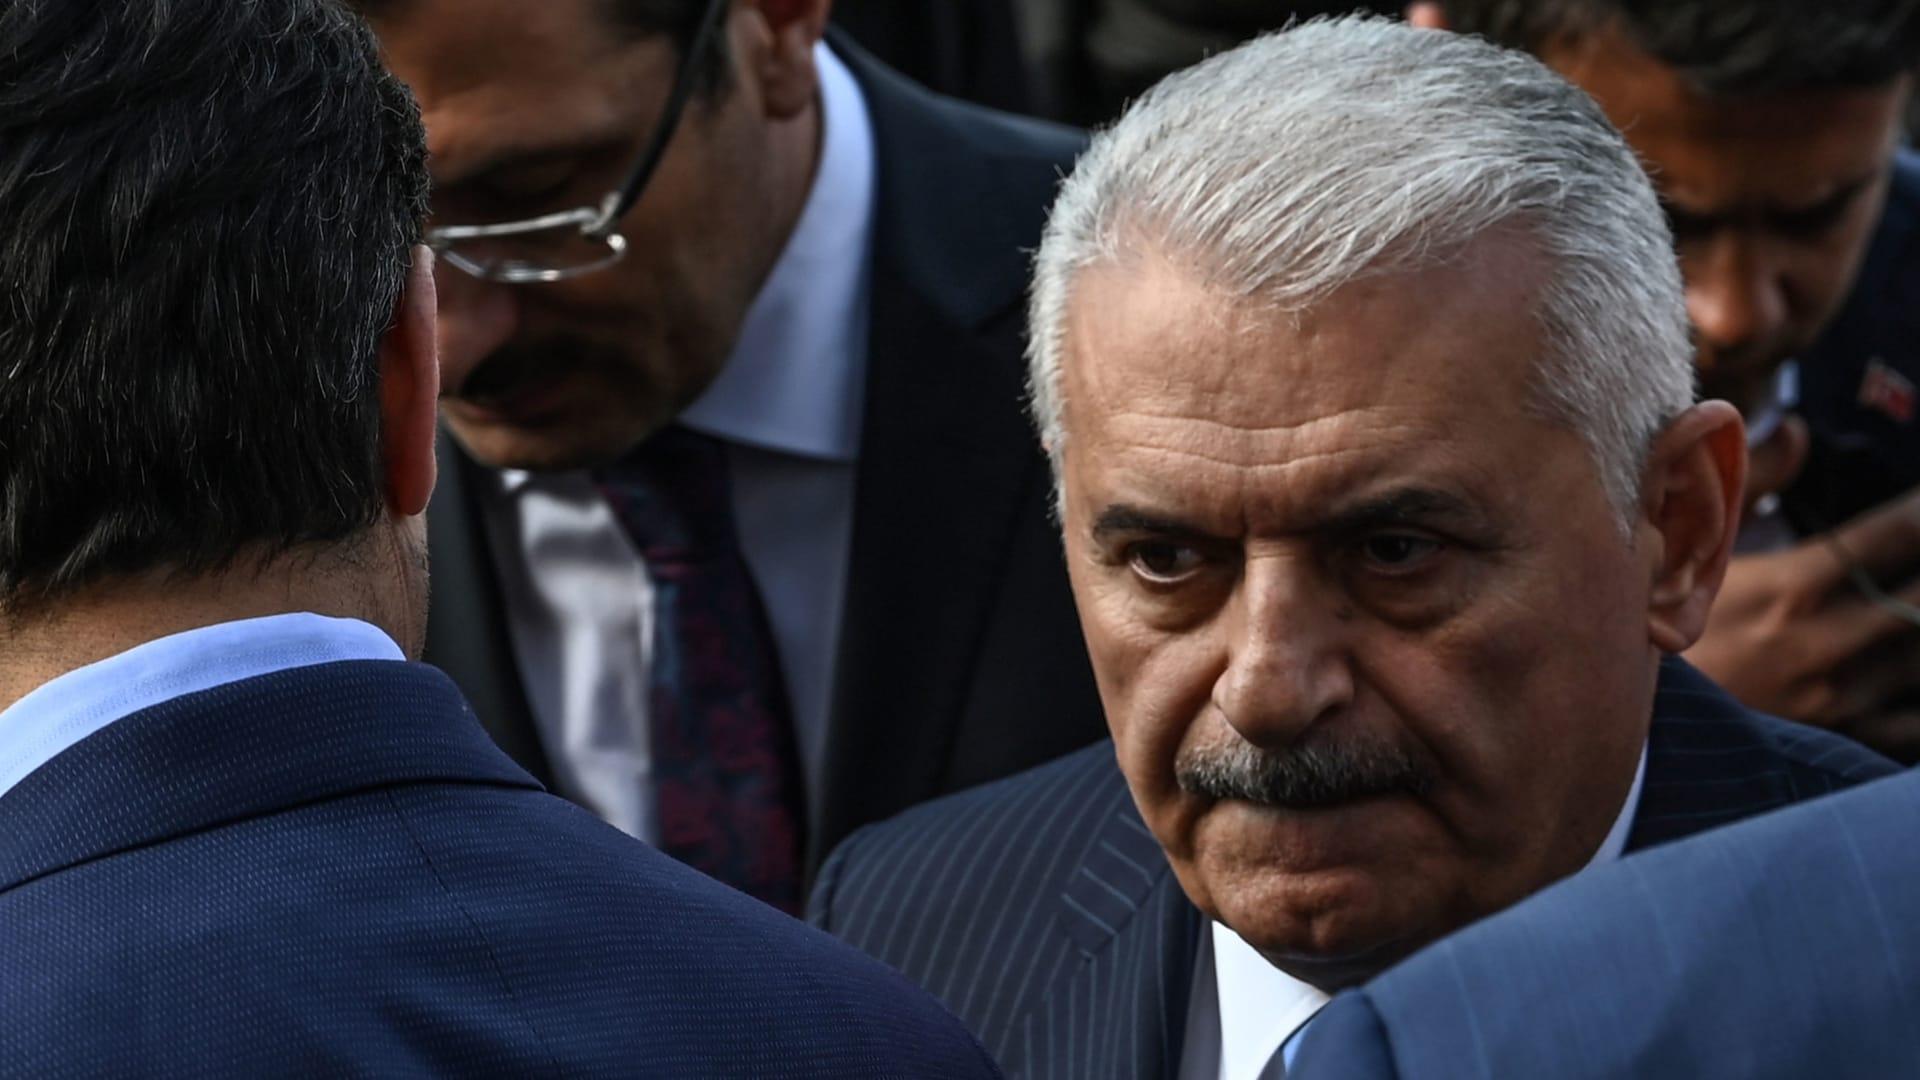 بعد خسارة مرشحه.. حزب أردوغان يقدم طعنا بنتائج الانتخابات البلدية في قضاء إسطنبول